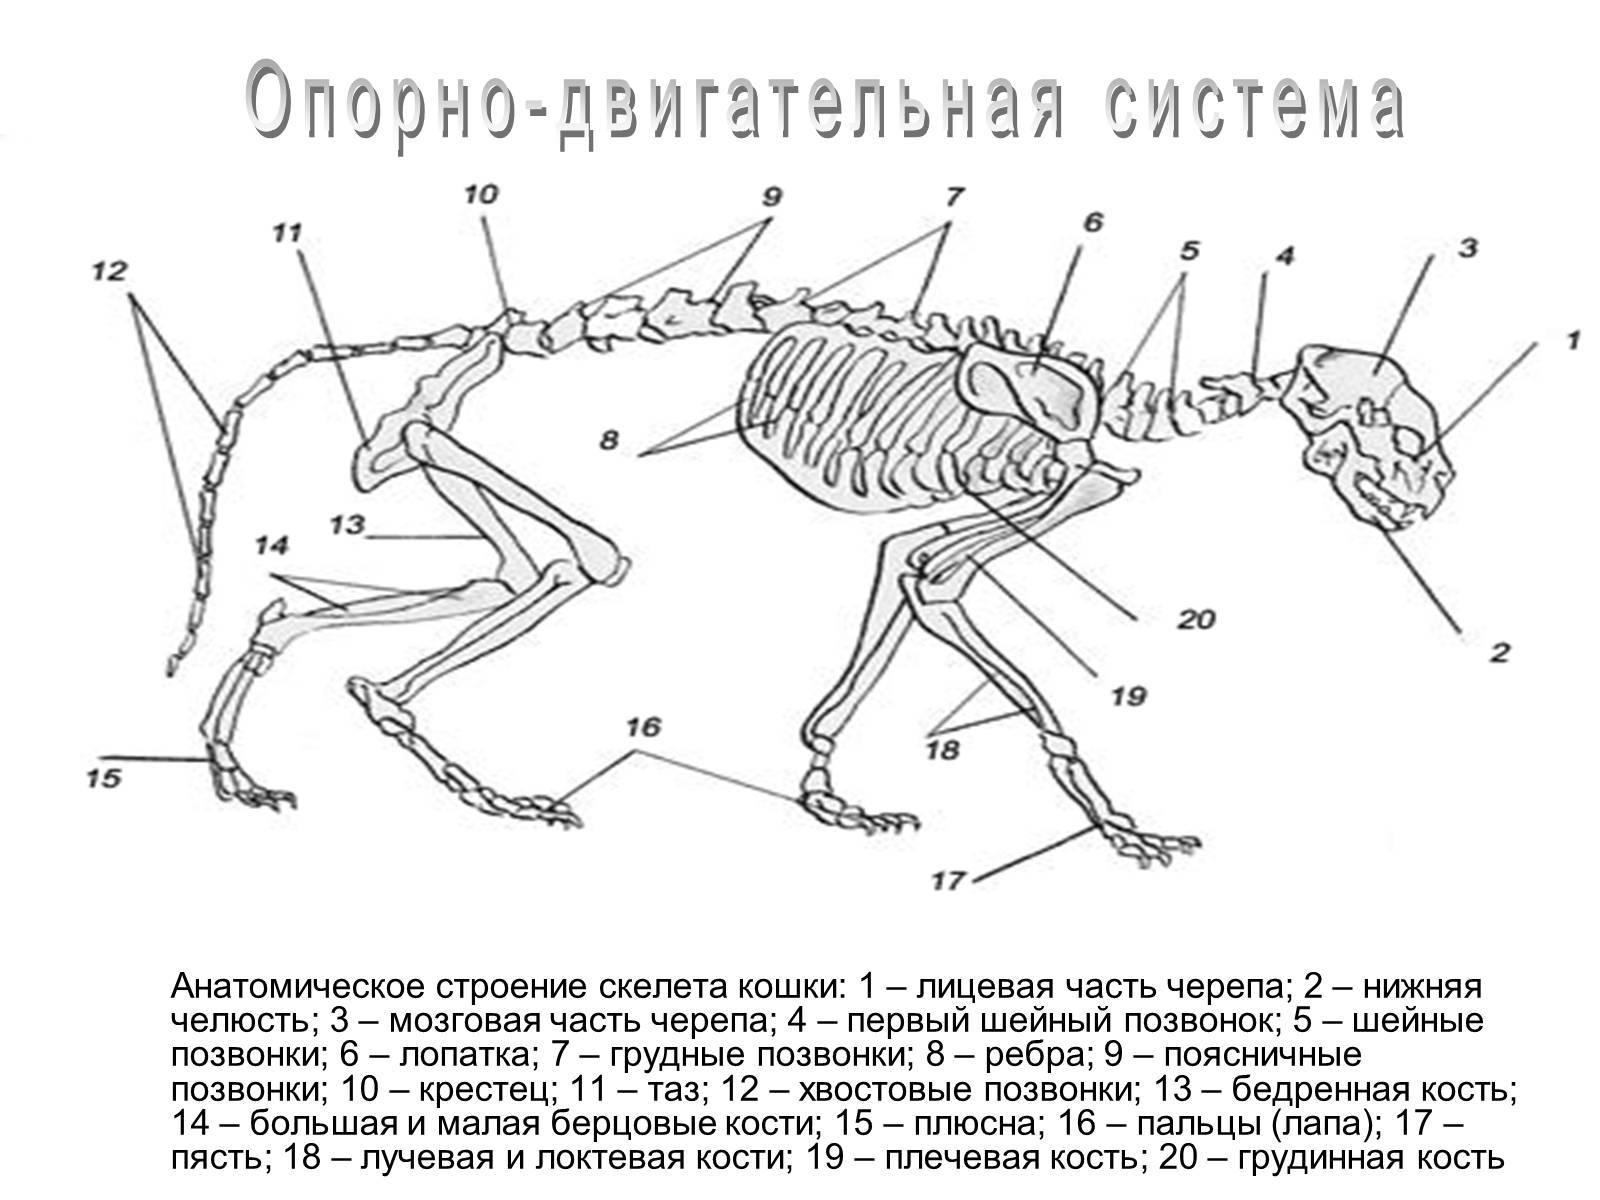 Анатомия и физиология котов и кошек: интересные особенности строения скелета, ротовой полости и внутренних органов котят и взрослых животных